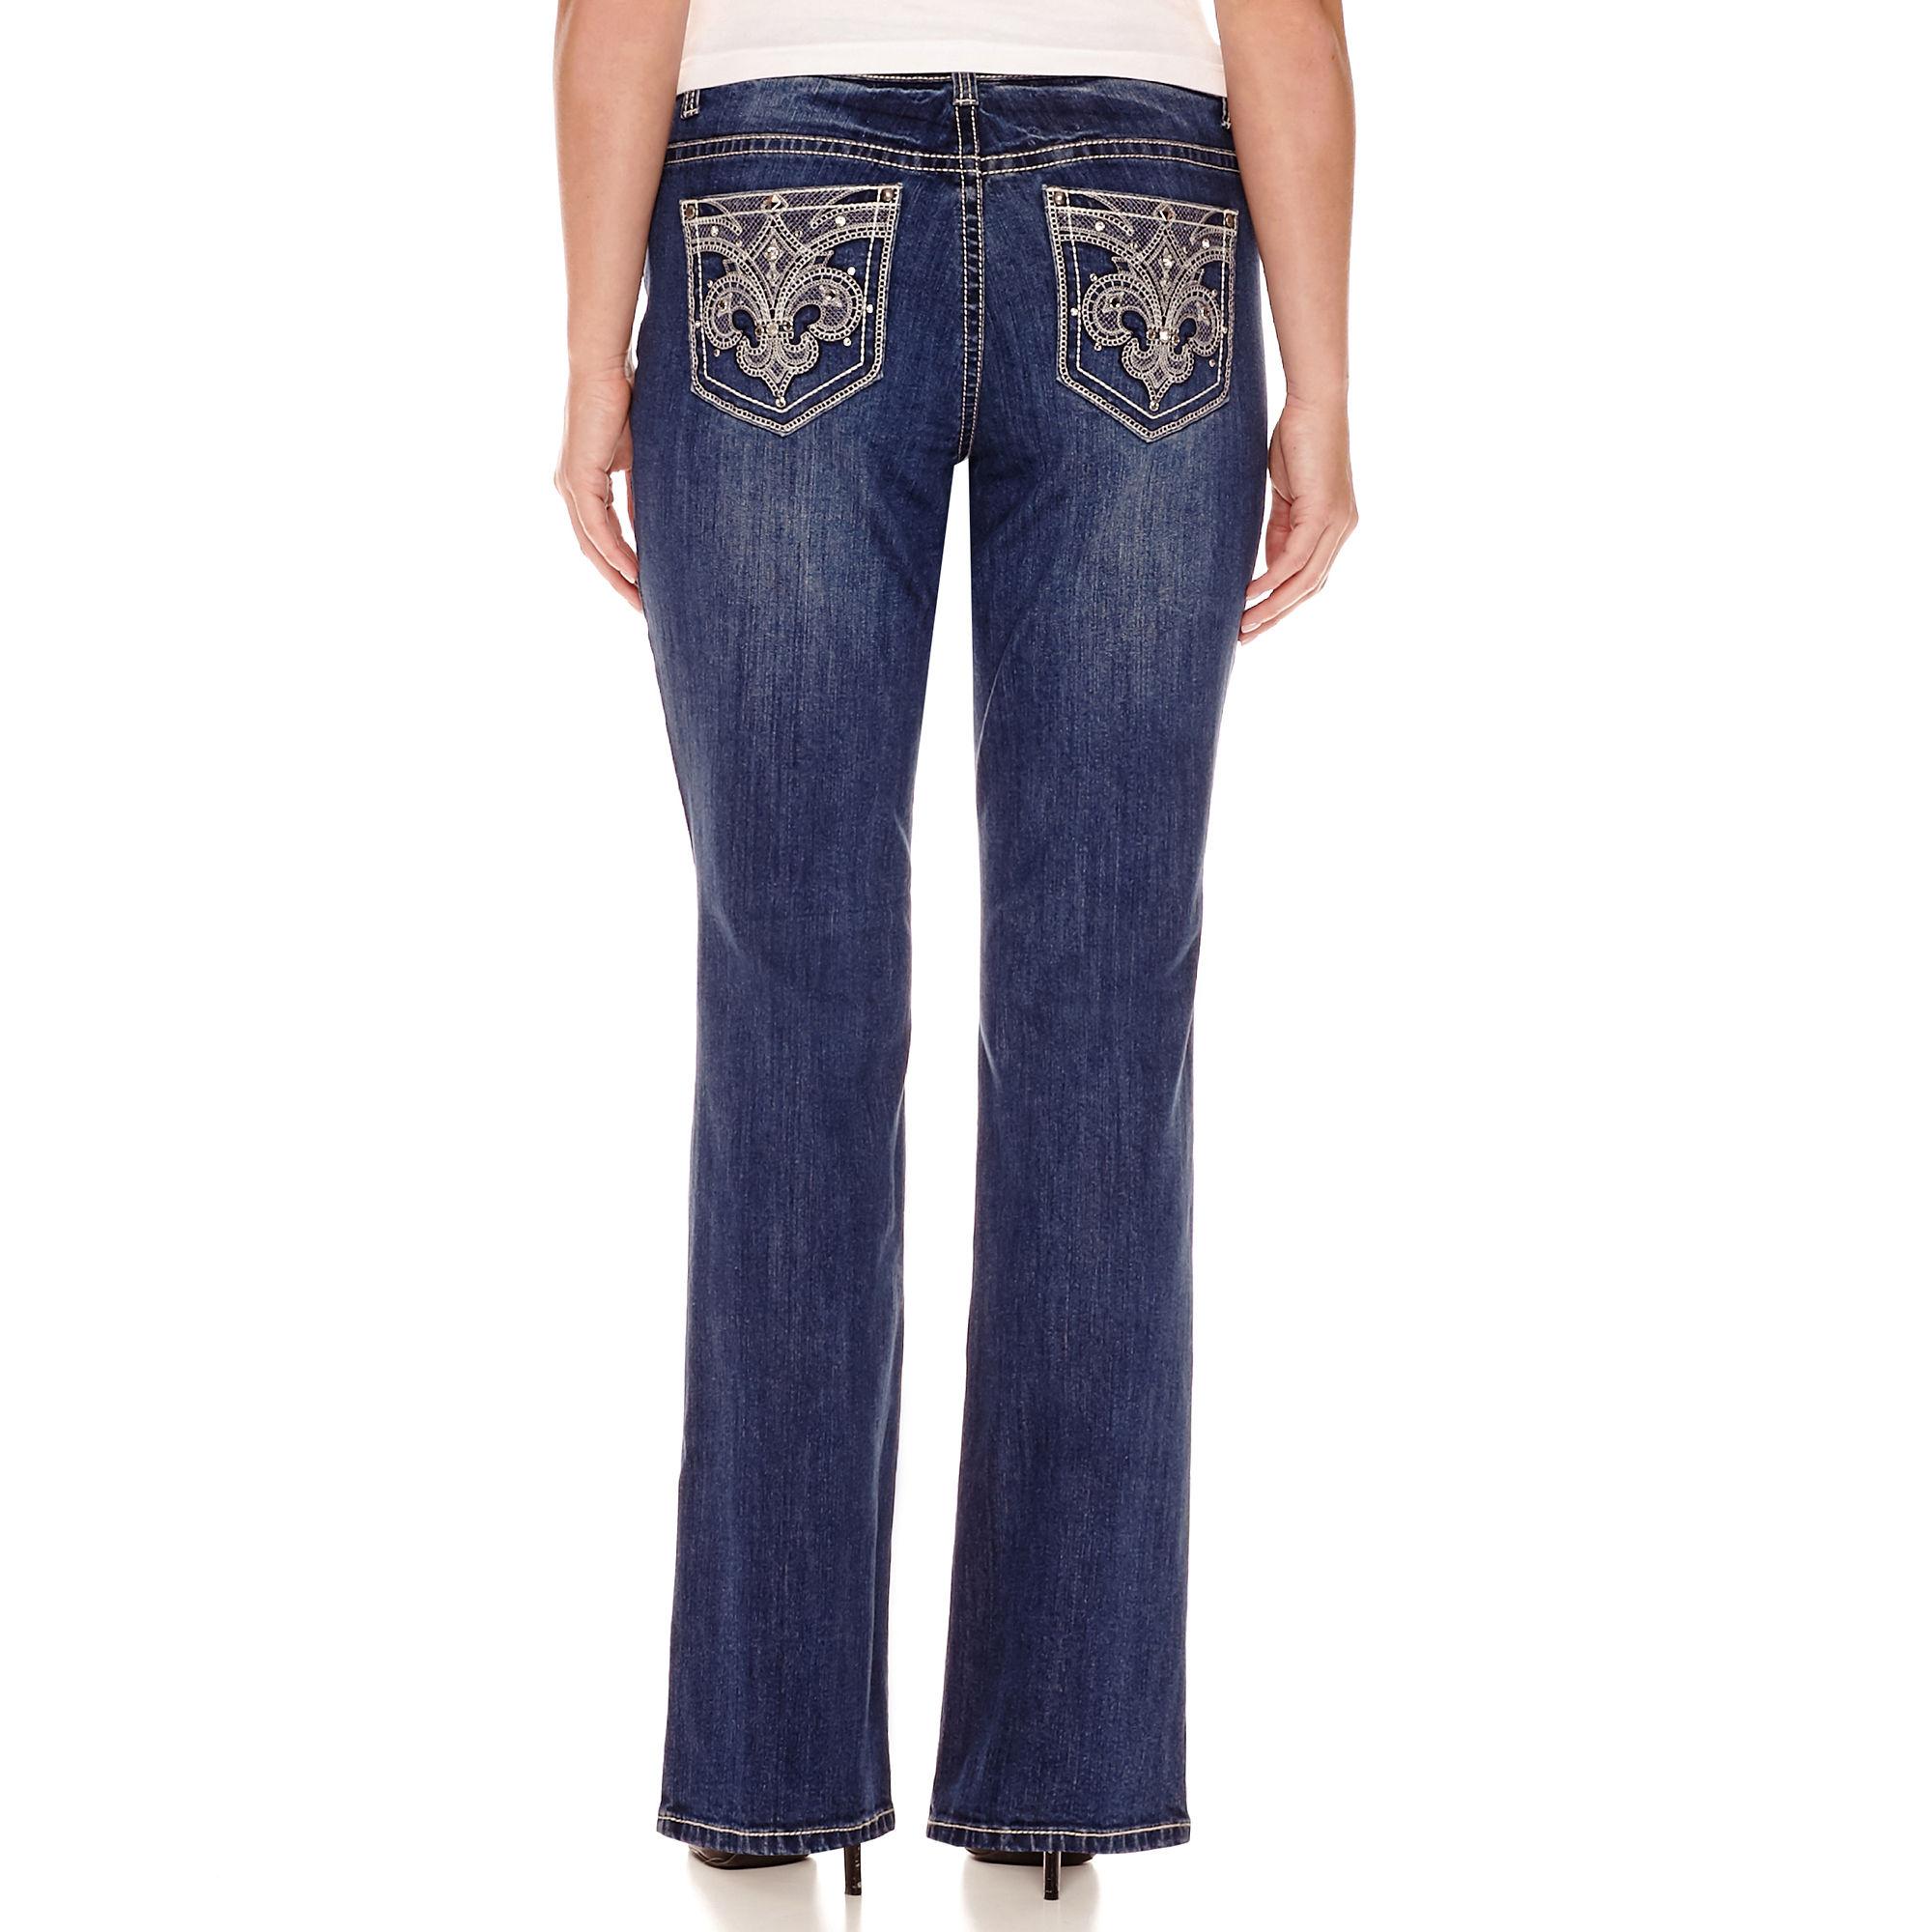 ZCO Bling Fleur de Lis Embellished Back Pocket Jeans - Plus